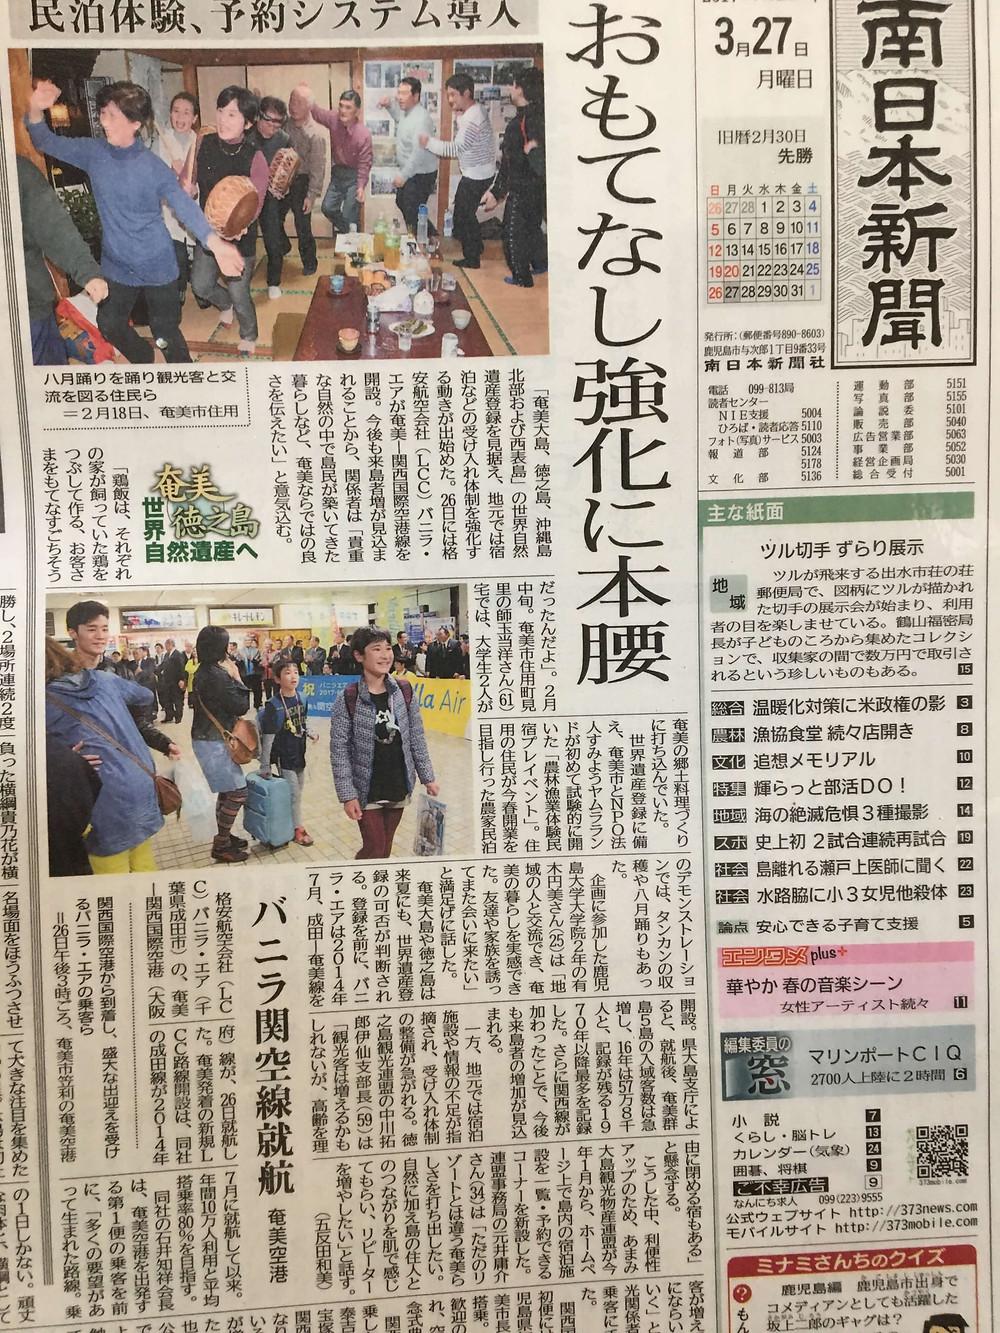 南日本新聞 民泊体験 八月踊り 民宿